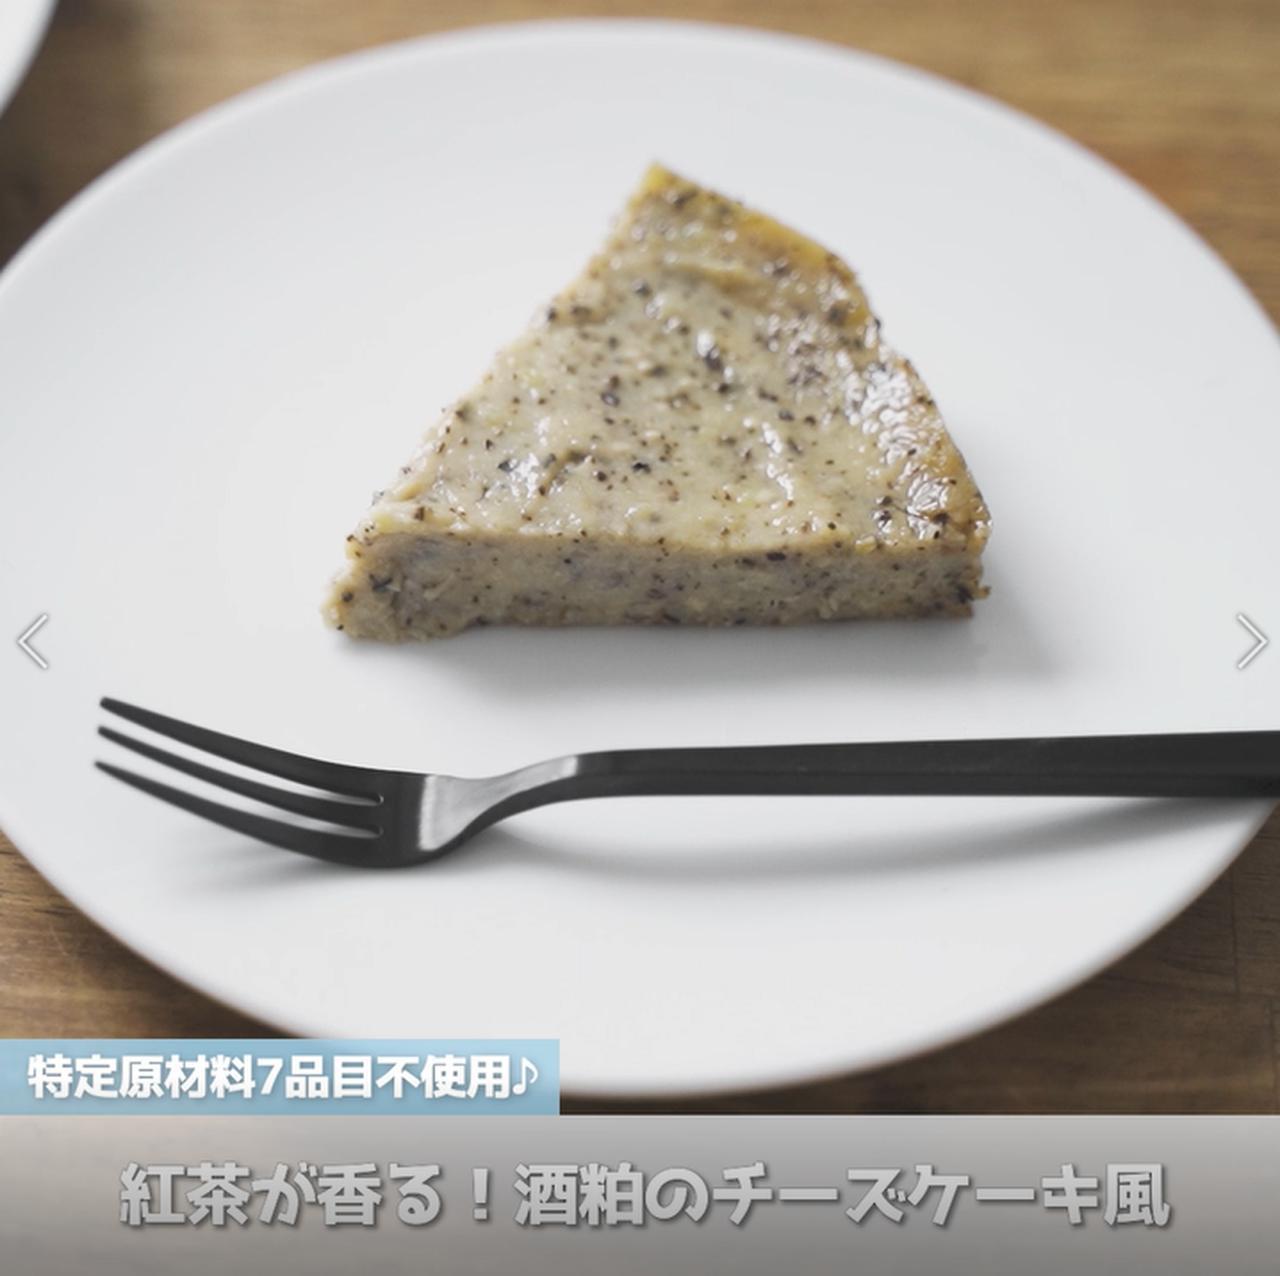 画像: 紅茶が香る!酒粕のチーズケーキ風 - 君とごはん